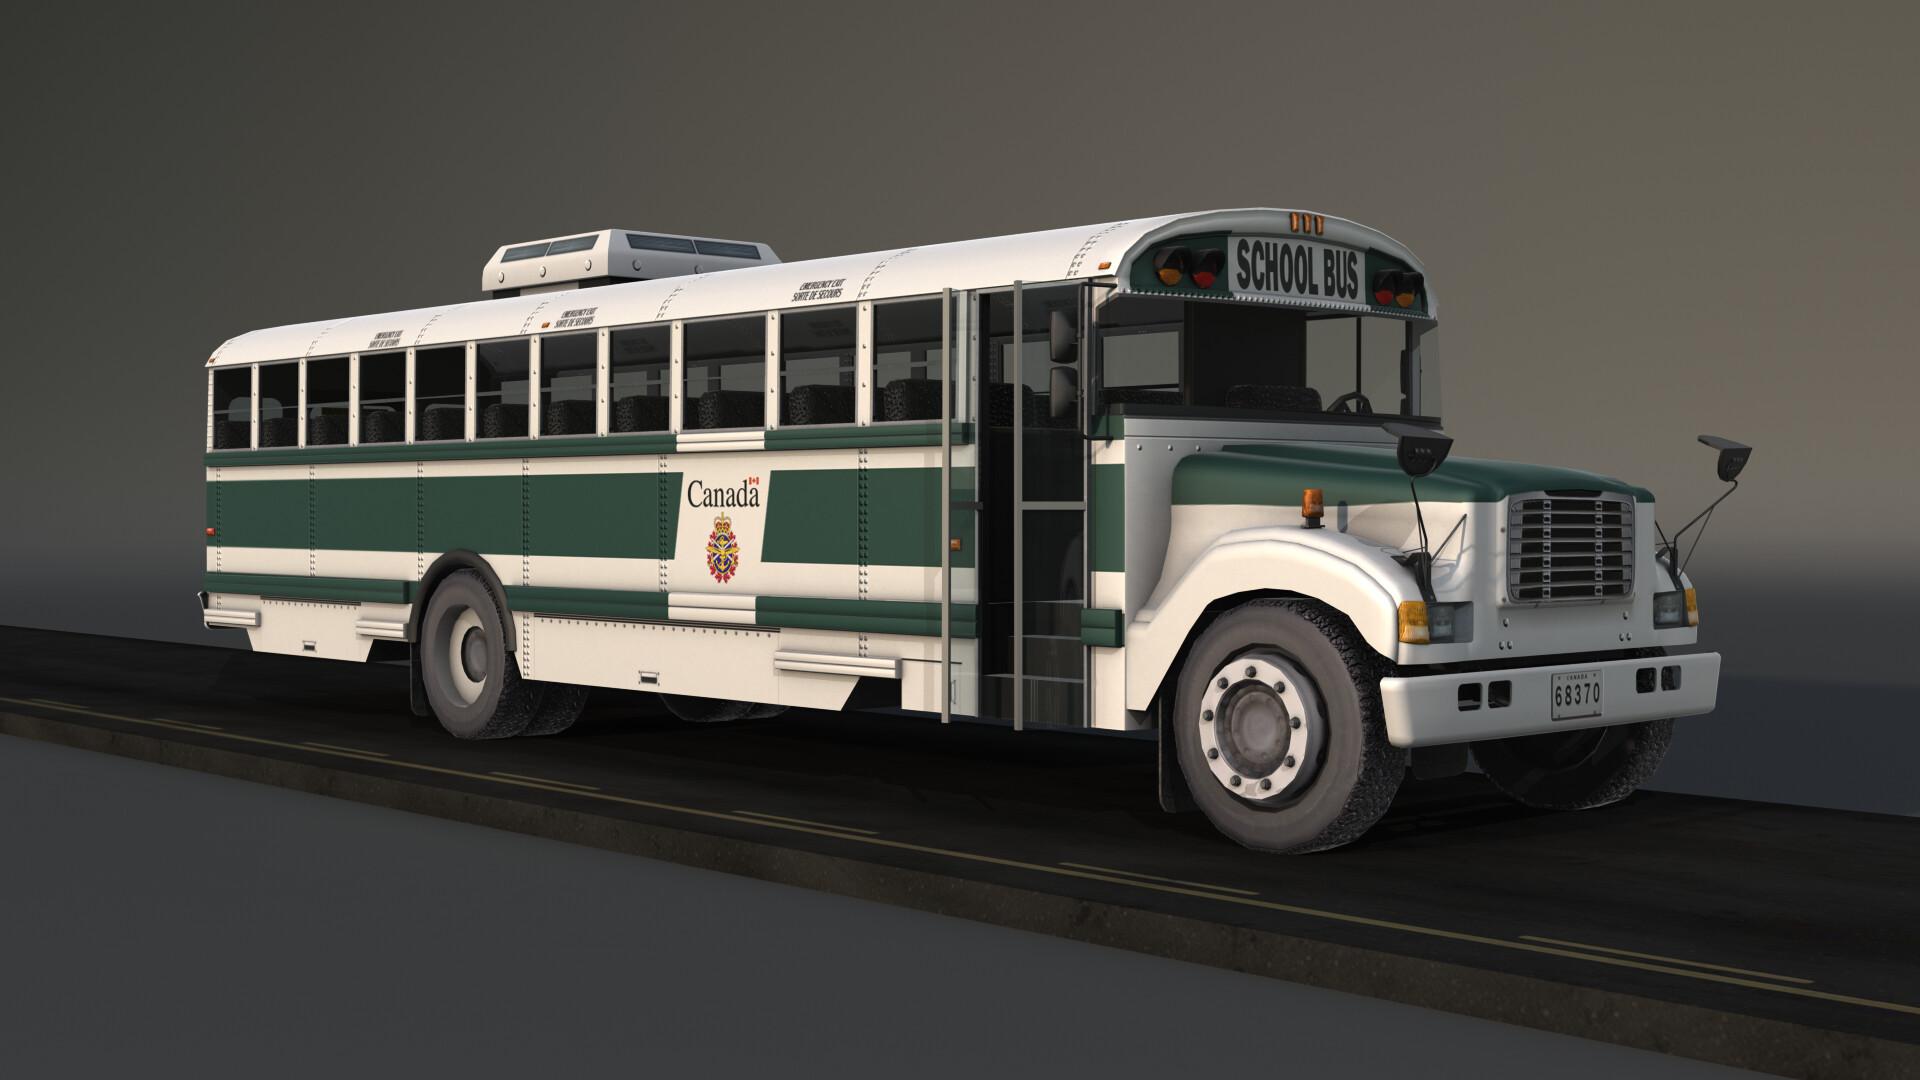 Jordan cameron schoolbus 13